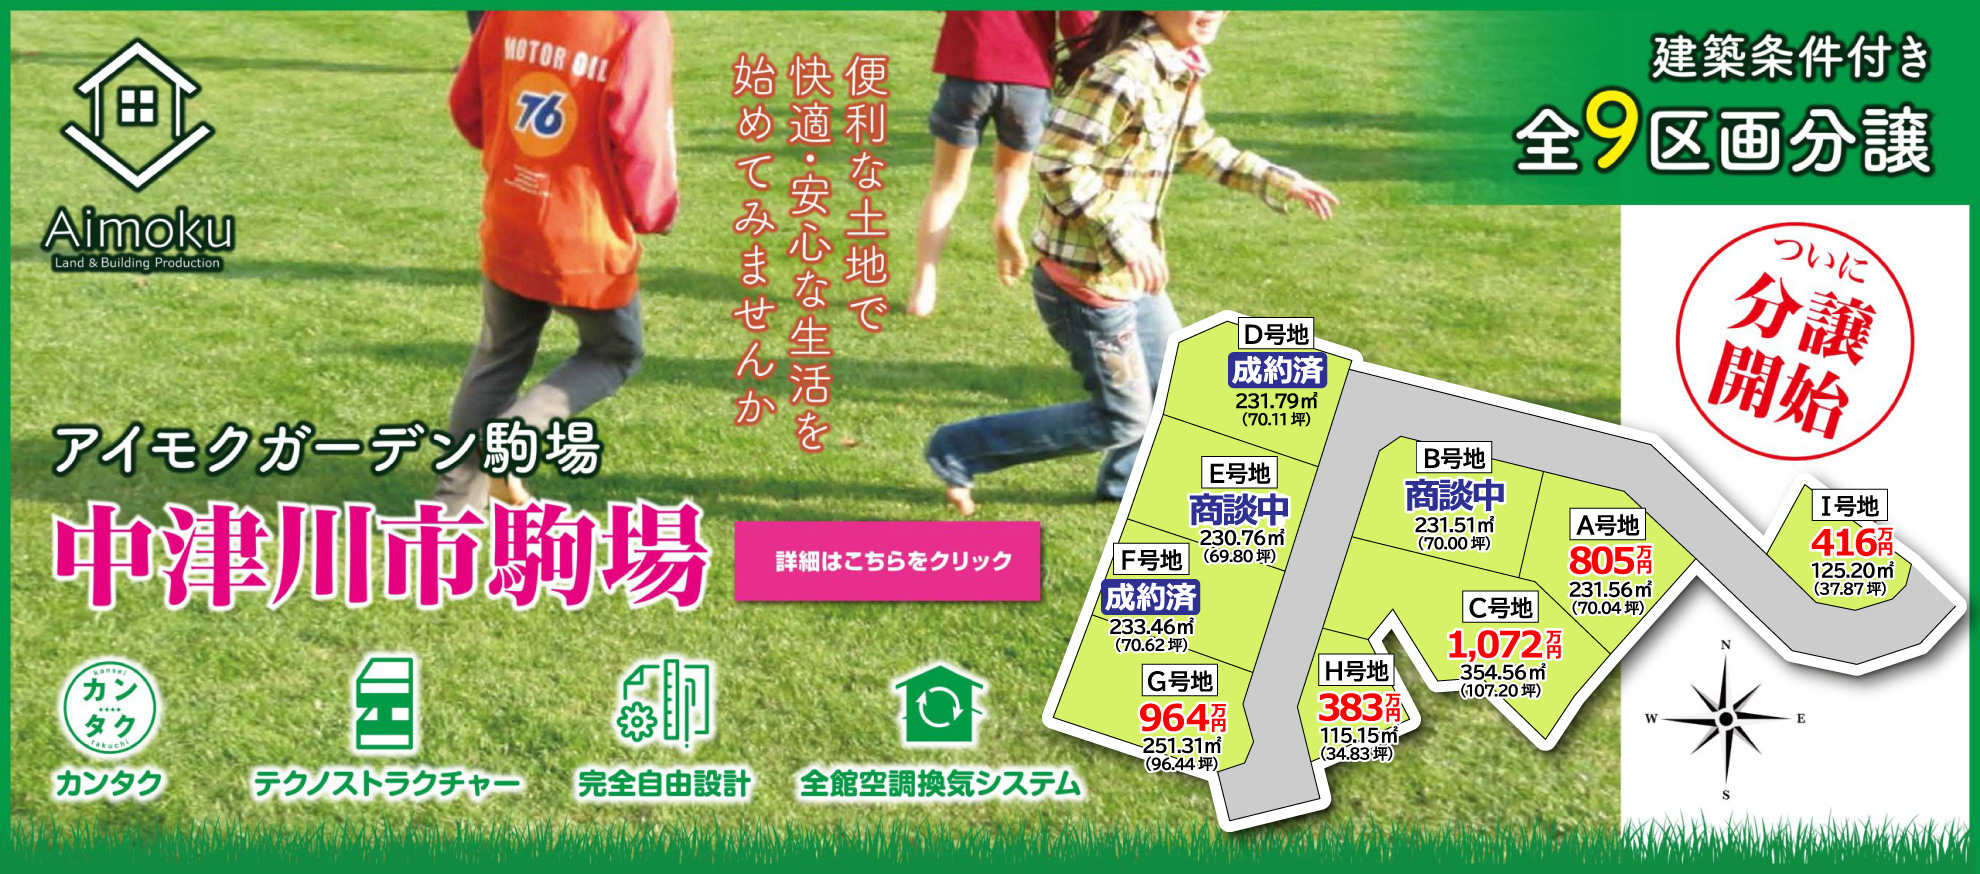 アイモクガーデン駒場banner_0514